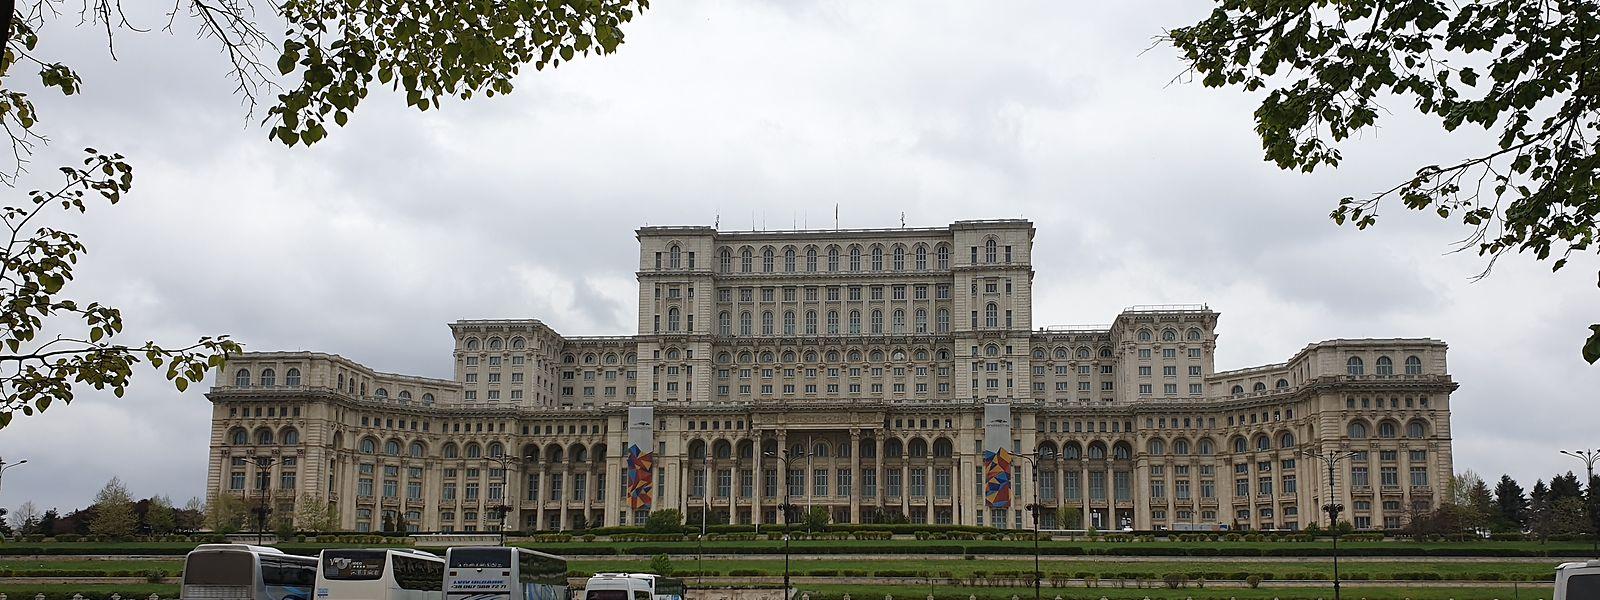 Das Haus des Volkes, das heute als Palast des Parlaments bekannt ist, thront inmitten von Bukarest.